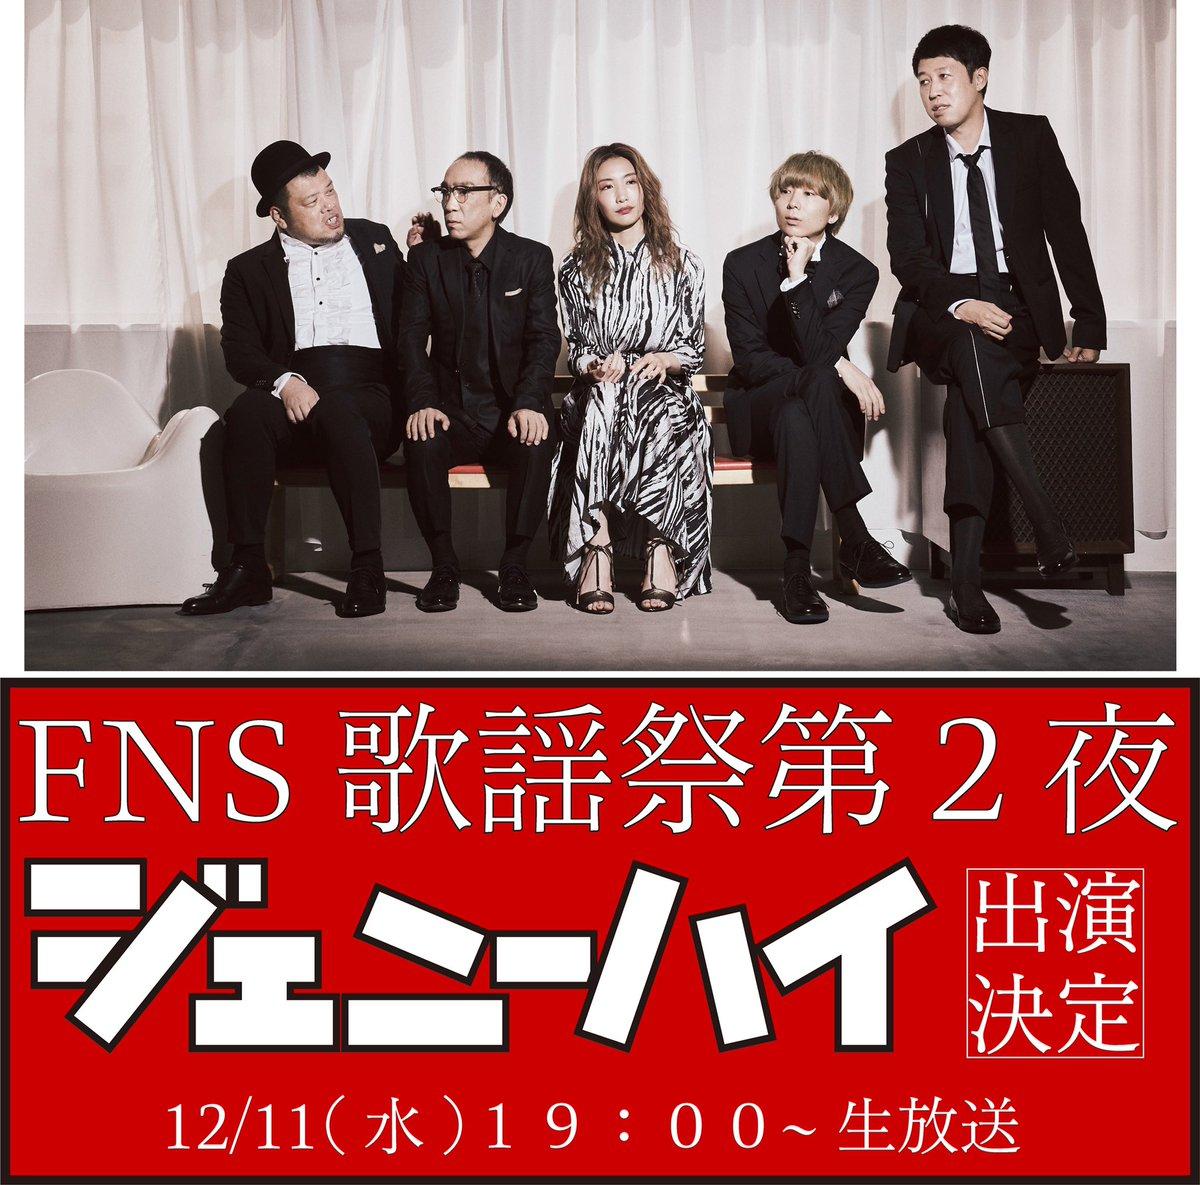 【FNS歌謡祭出演決定!!】フジテレビ系列「FNS歌謡祭」第2夜・12月11日(水)19:00~ 4時間半の生放送 にジェニーハイが出演することが決まりました!お楽しみに!!公式HP: